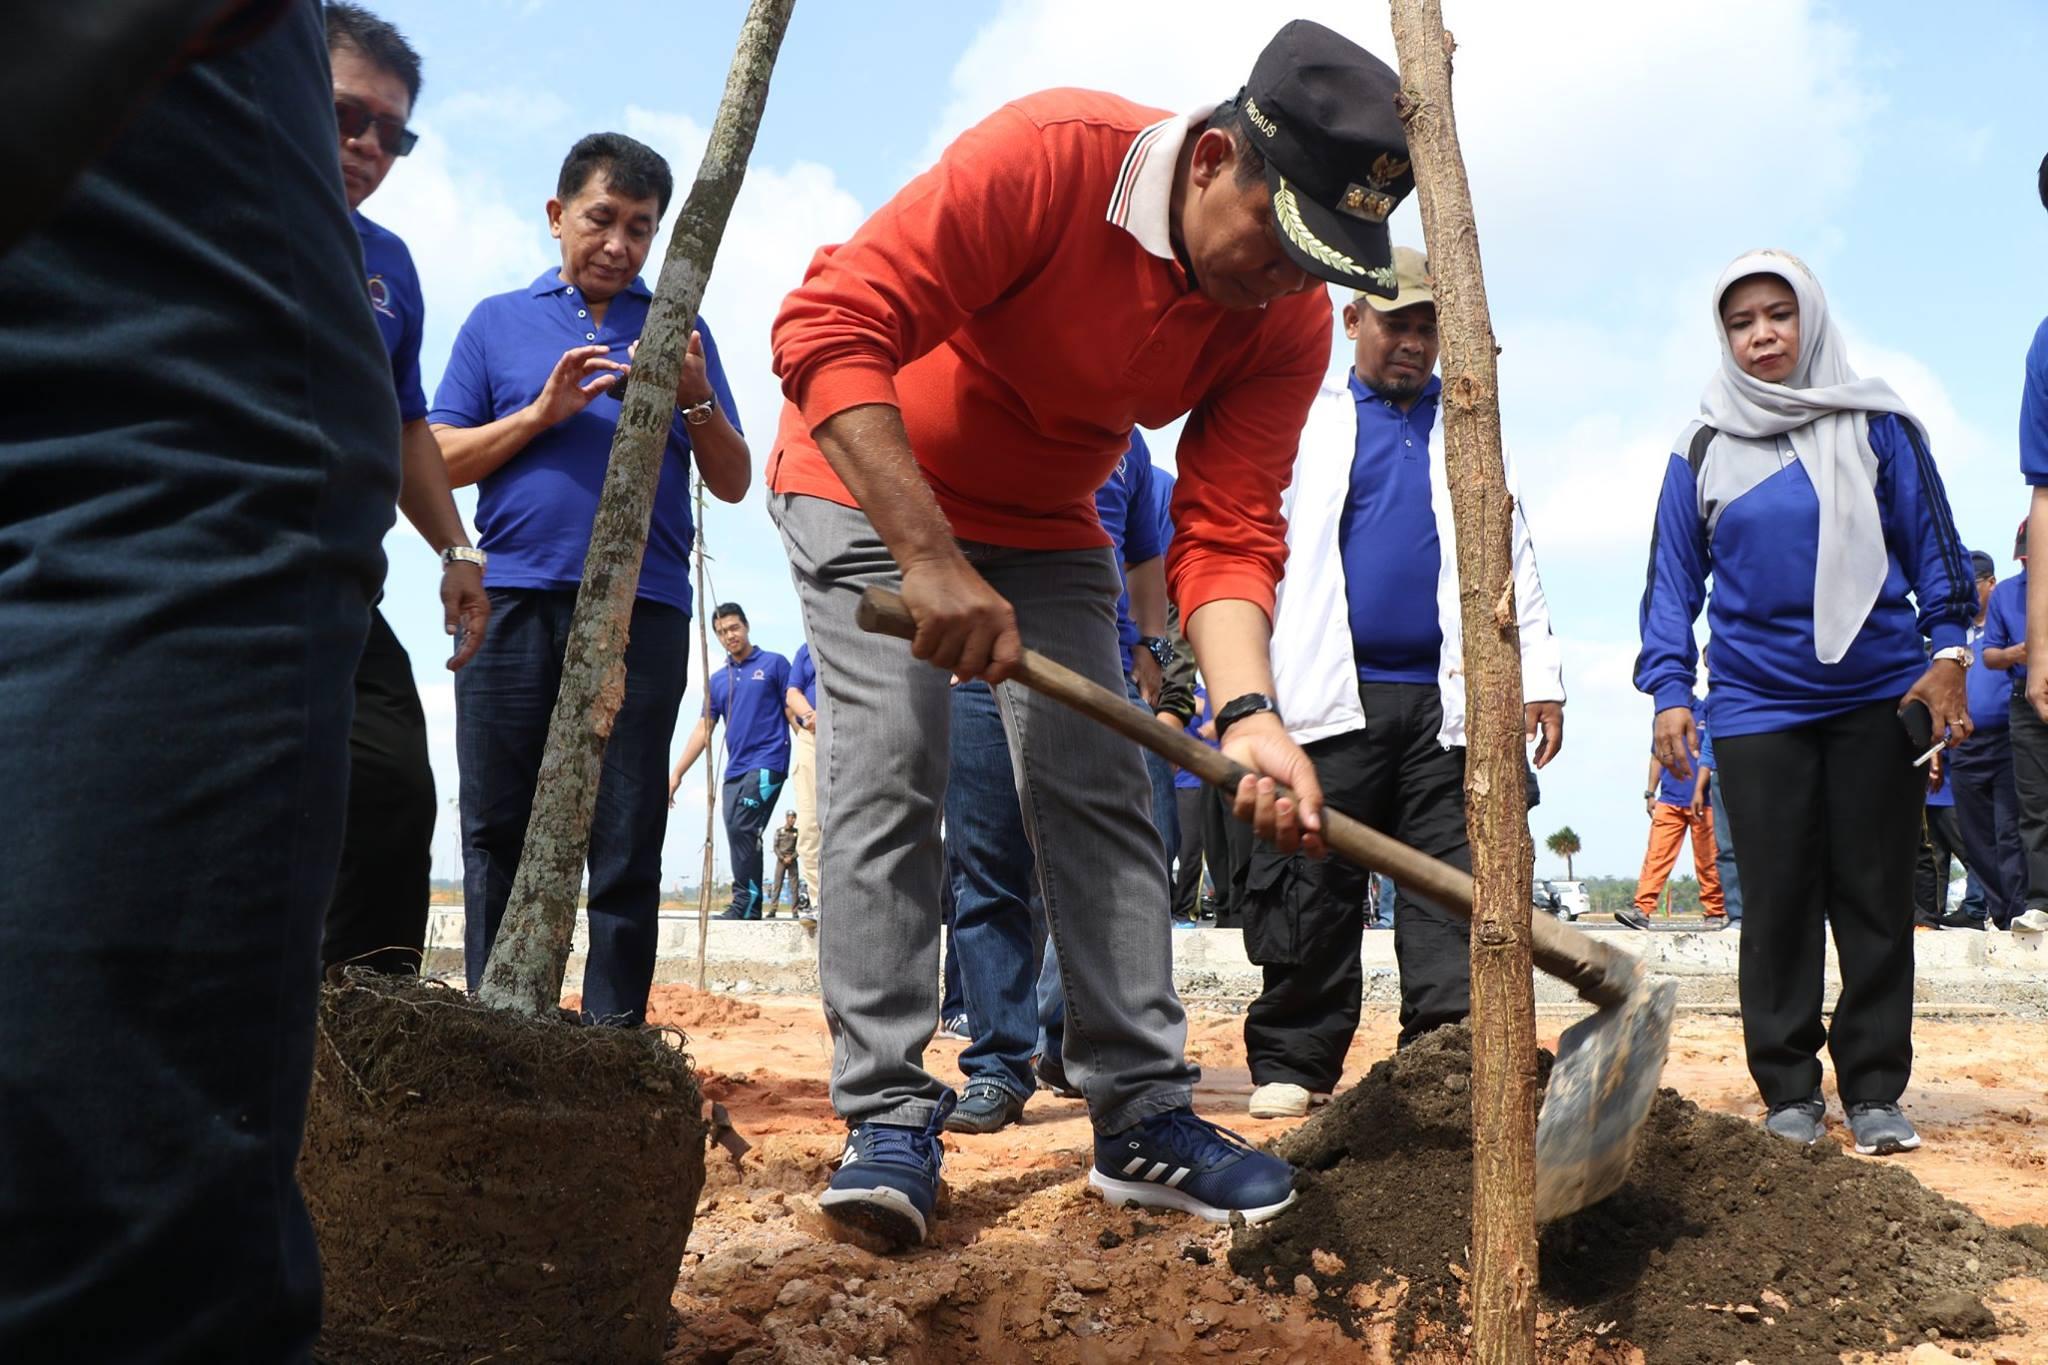 Bulan bhakti lembaga pemberdayaan masyarakat (LPM) kota Pekanbaru, serta Penanaman Pohon dan Pengund